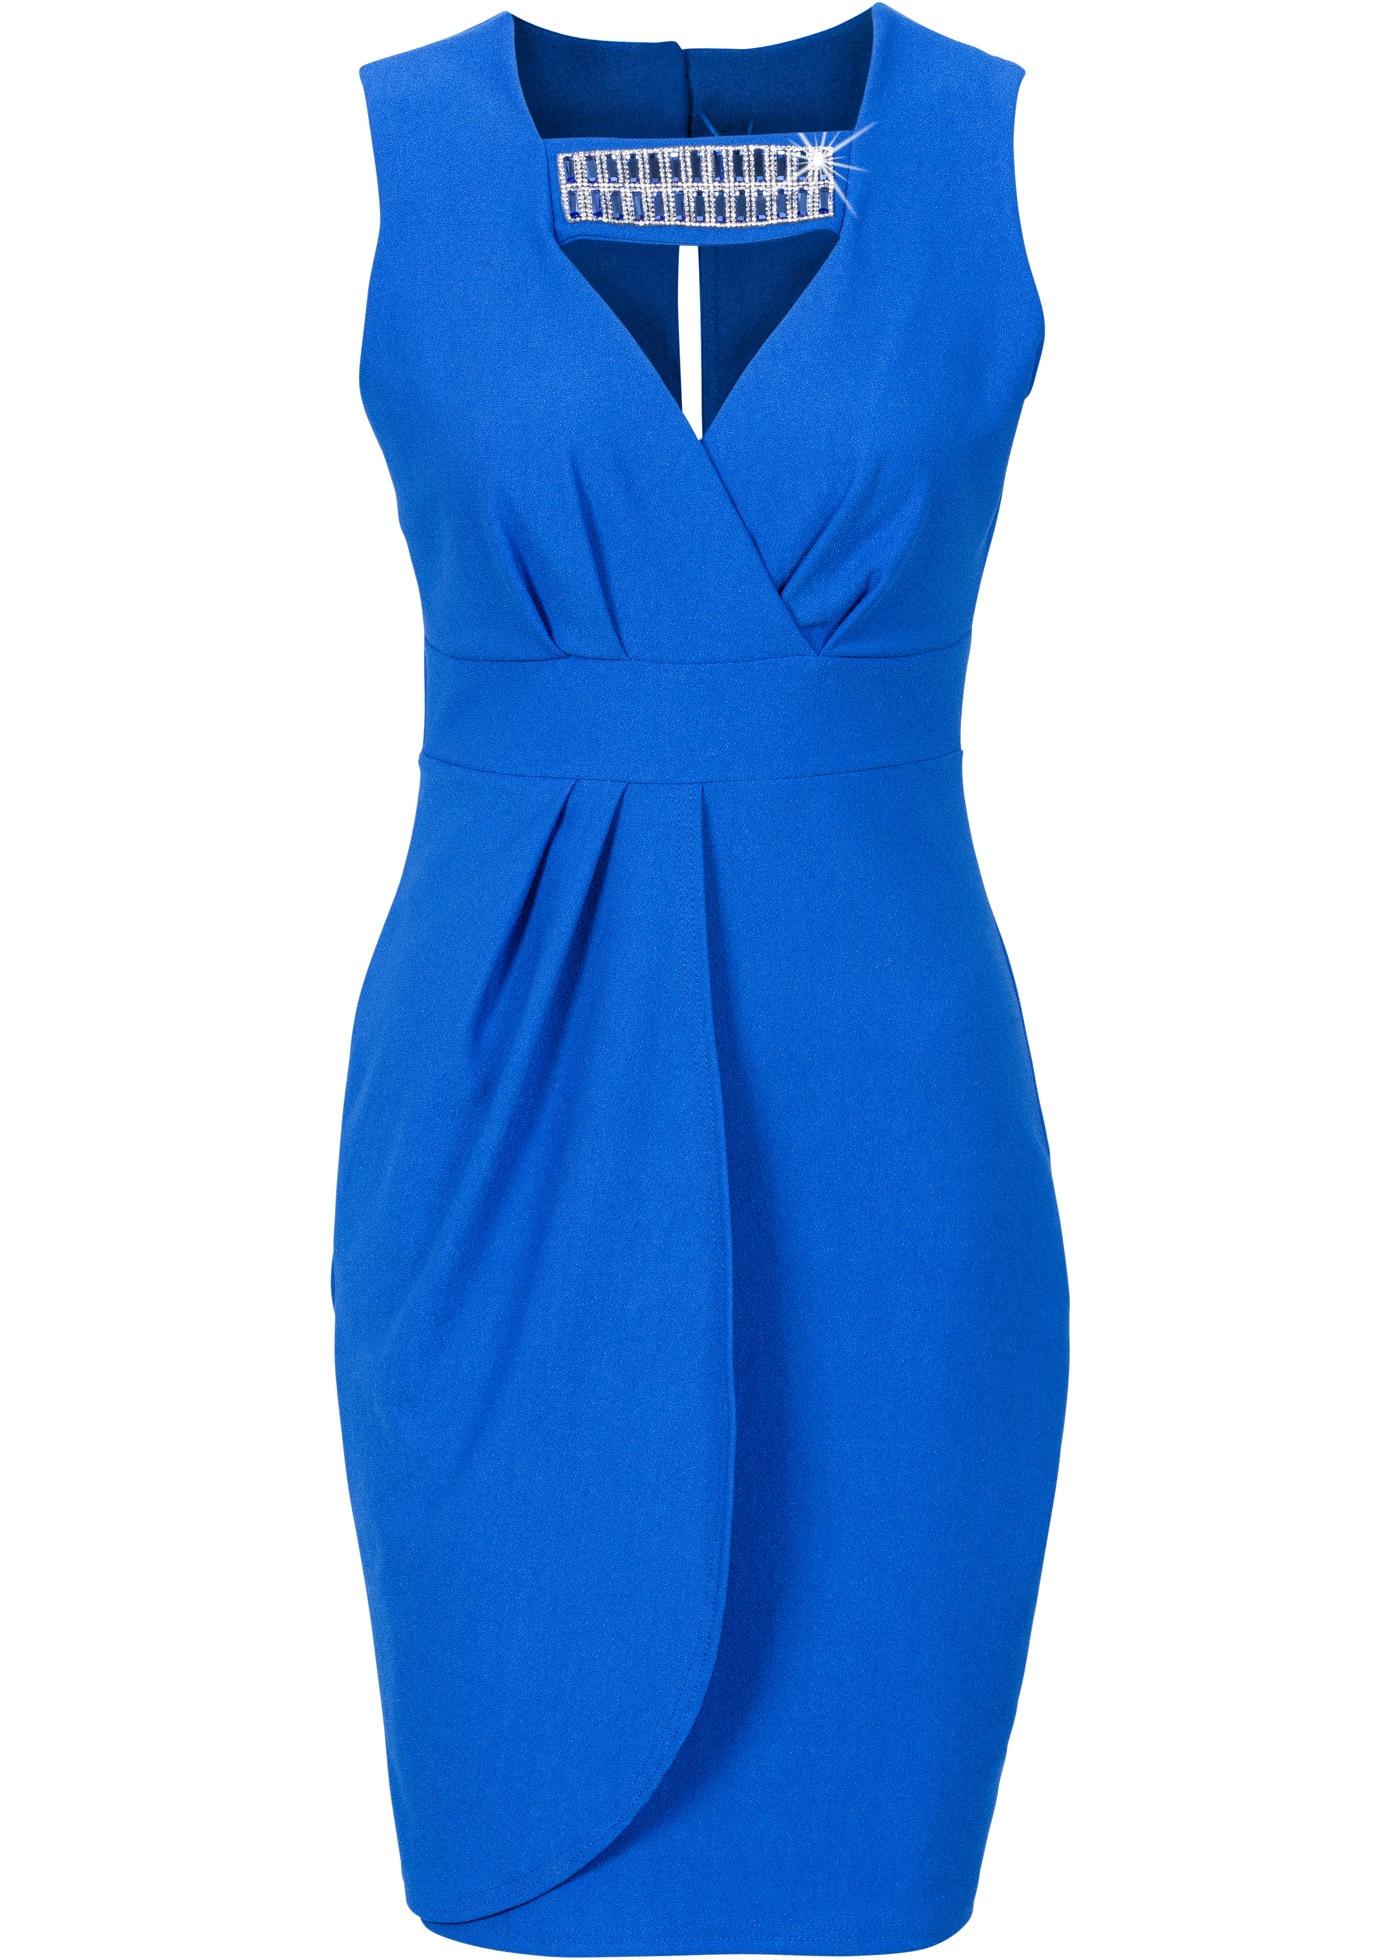 Kleid mit Steinchen Gr. 40/42 Blau Damen Kurzes Cocktailkleid ...